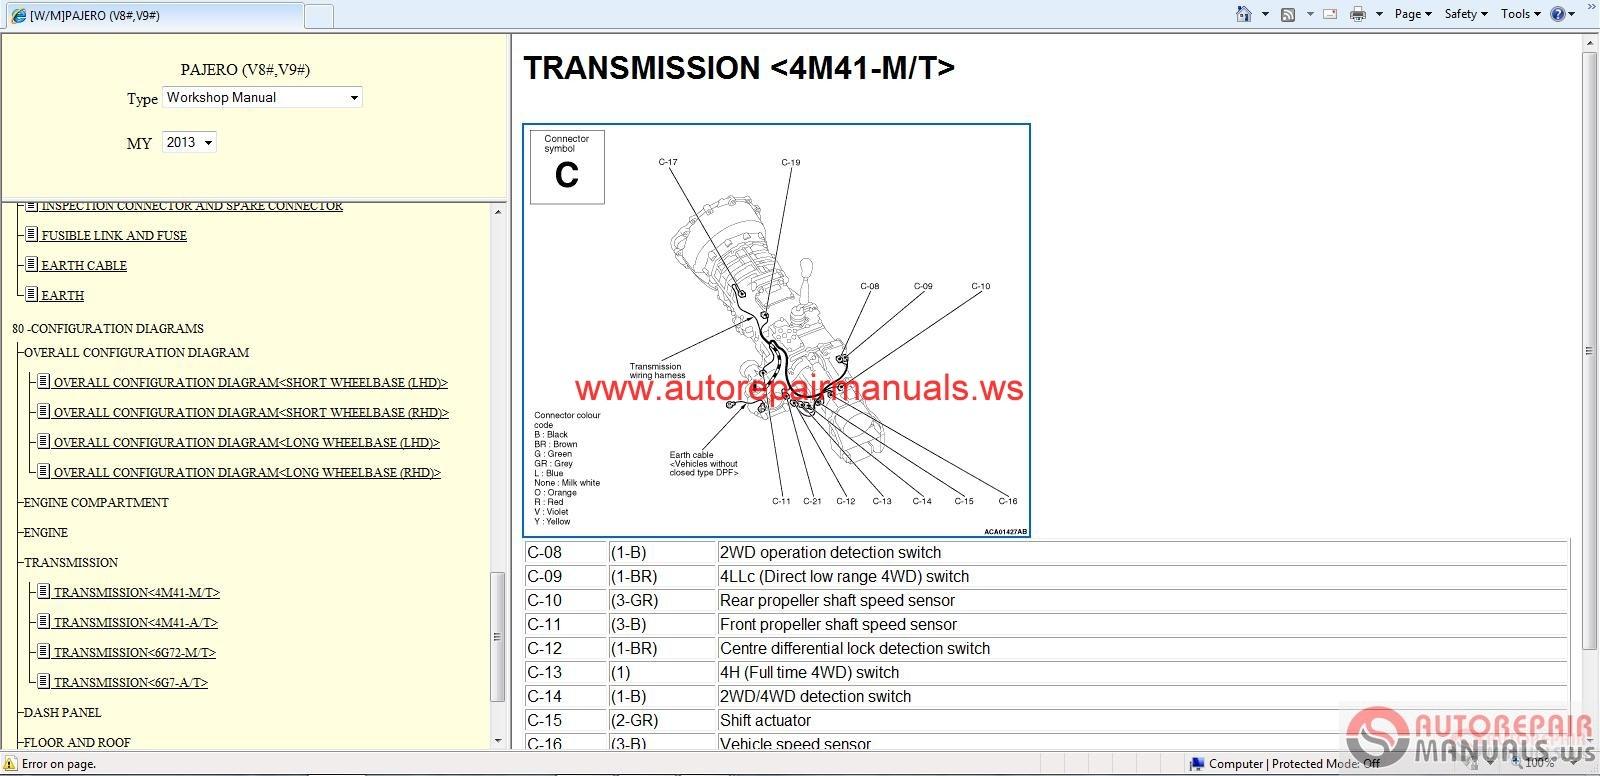 Mitsubishi Pajero 2013 Service Manual